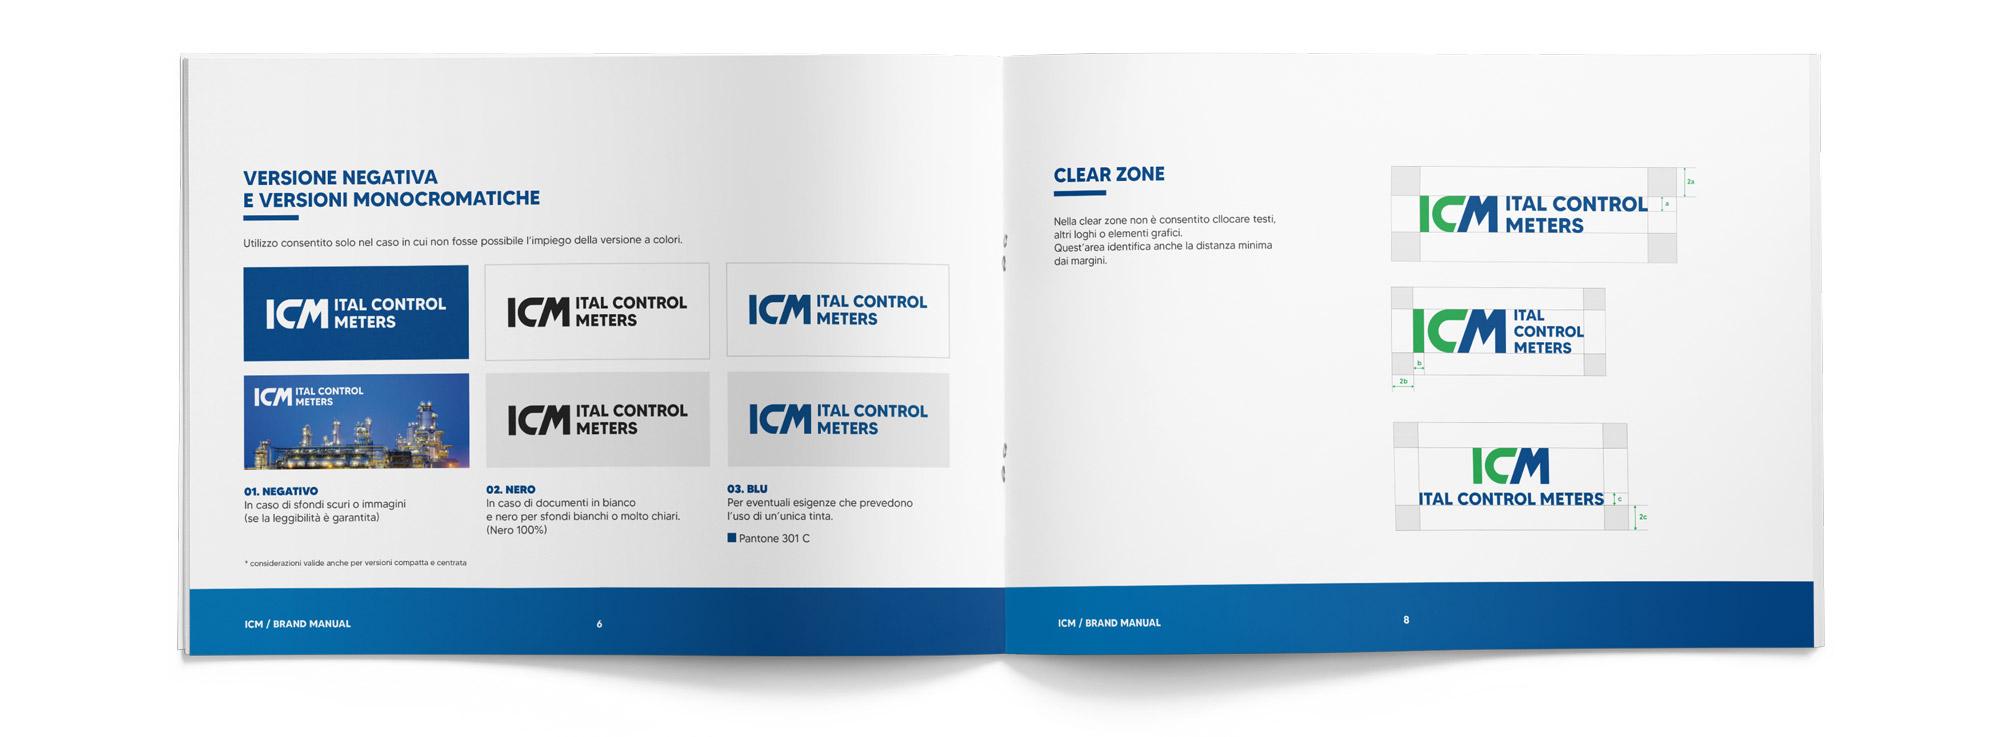 brand manual Ital Control Meters aperto visto dall'alto che mostra corretto uso del logo